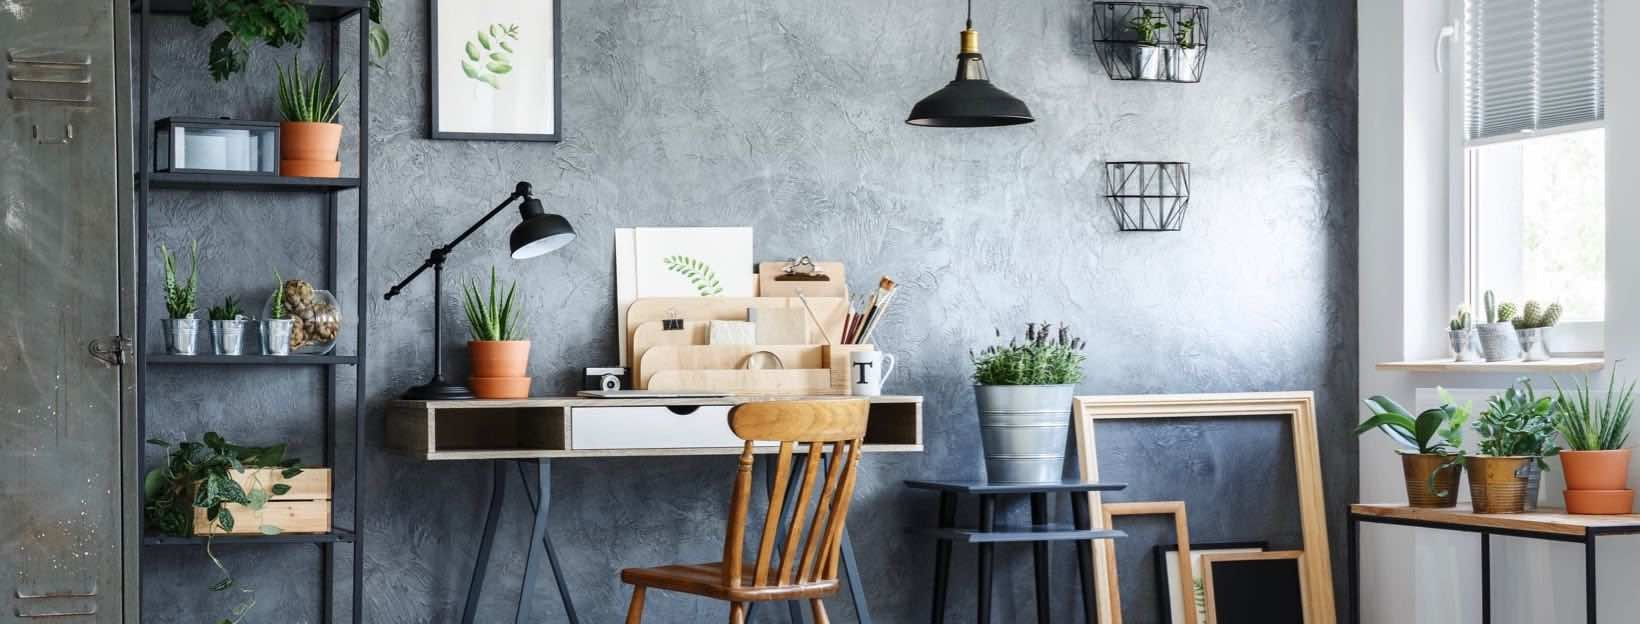 rbeiten von zuhause aus: Schönes Home Office mit Schreibtisch und Pflanzen